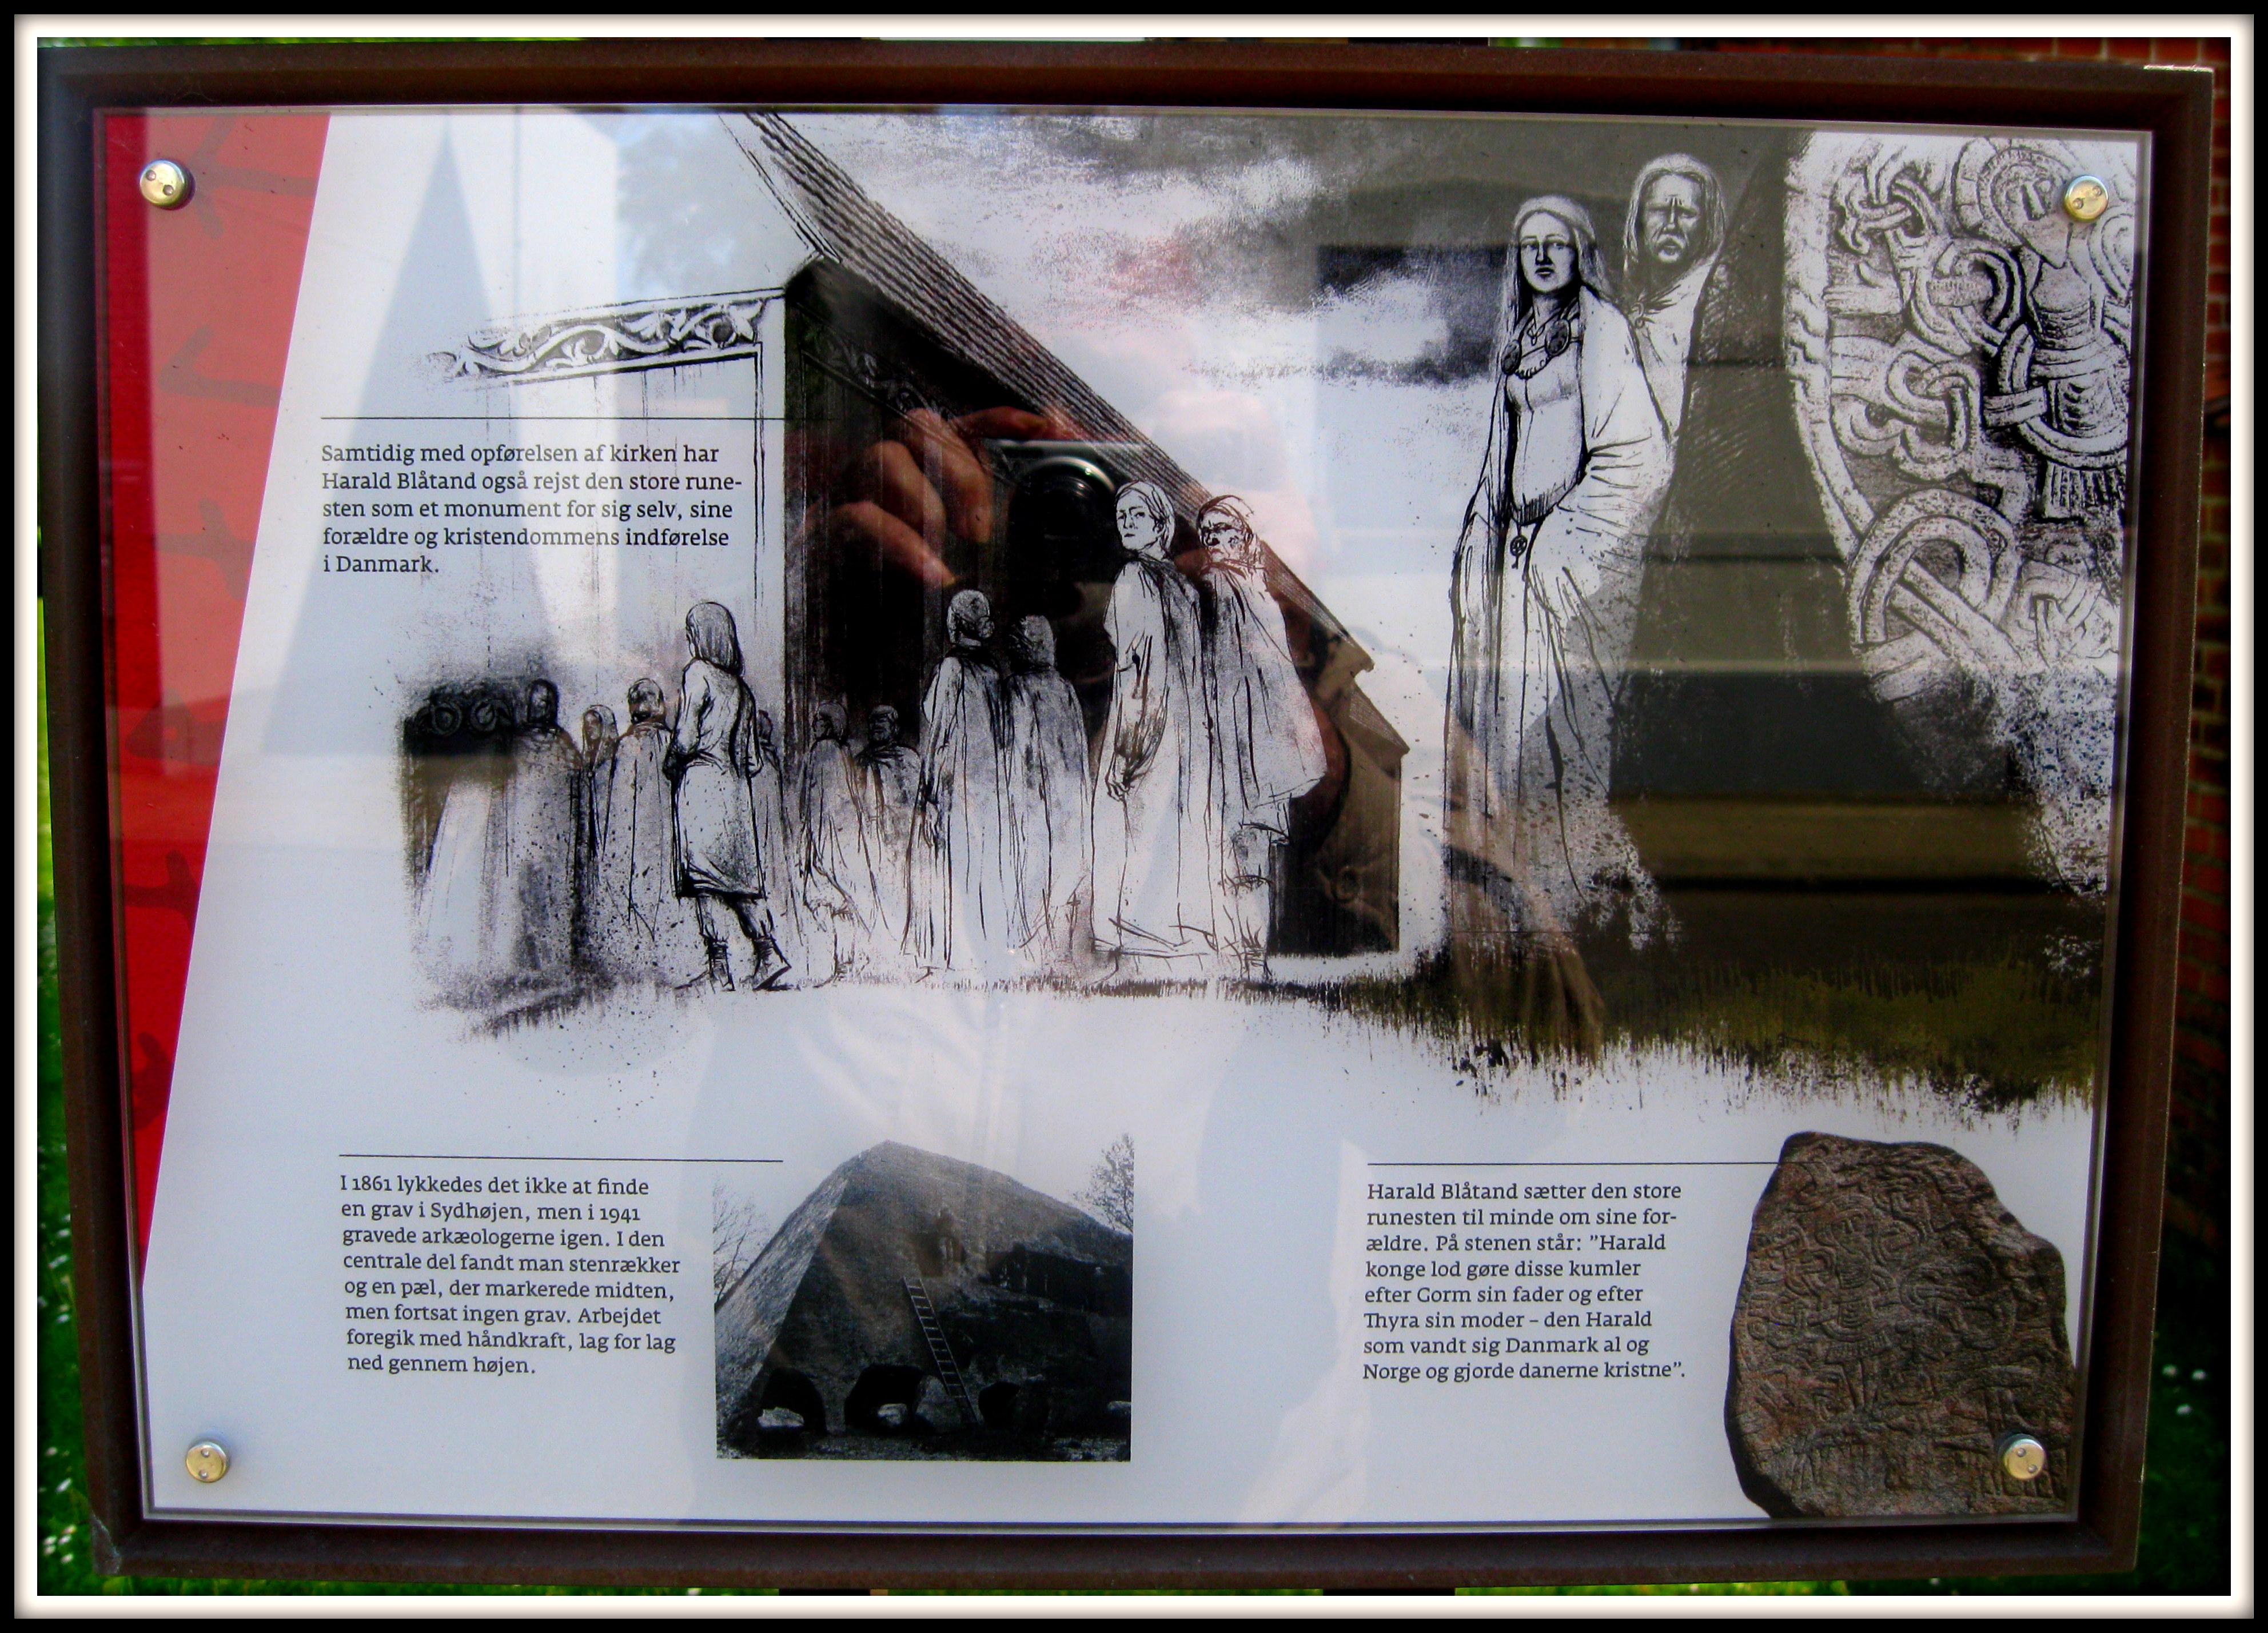 Informations tavle om Jelling højene - islændingen Isfron har en anden version i 1797